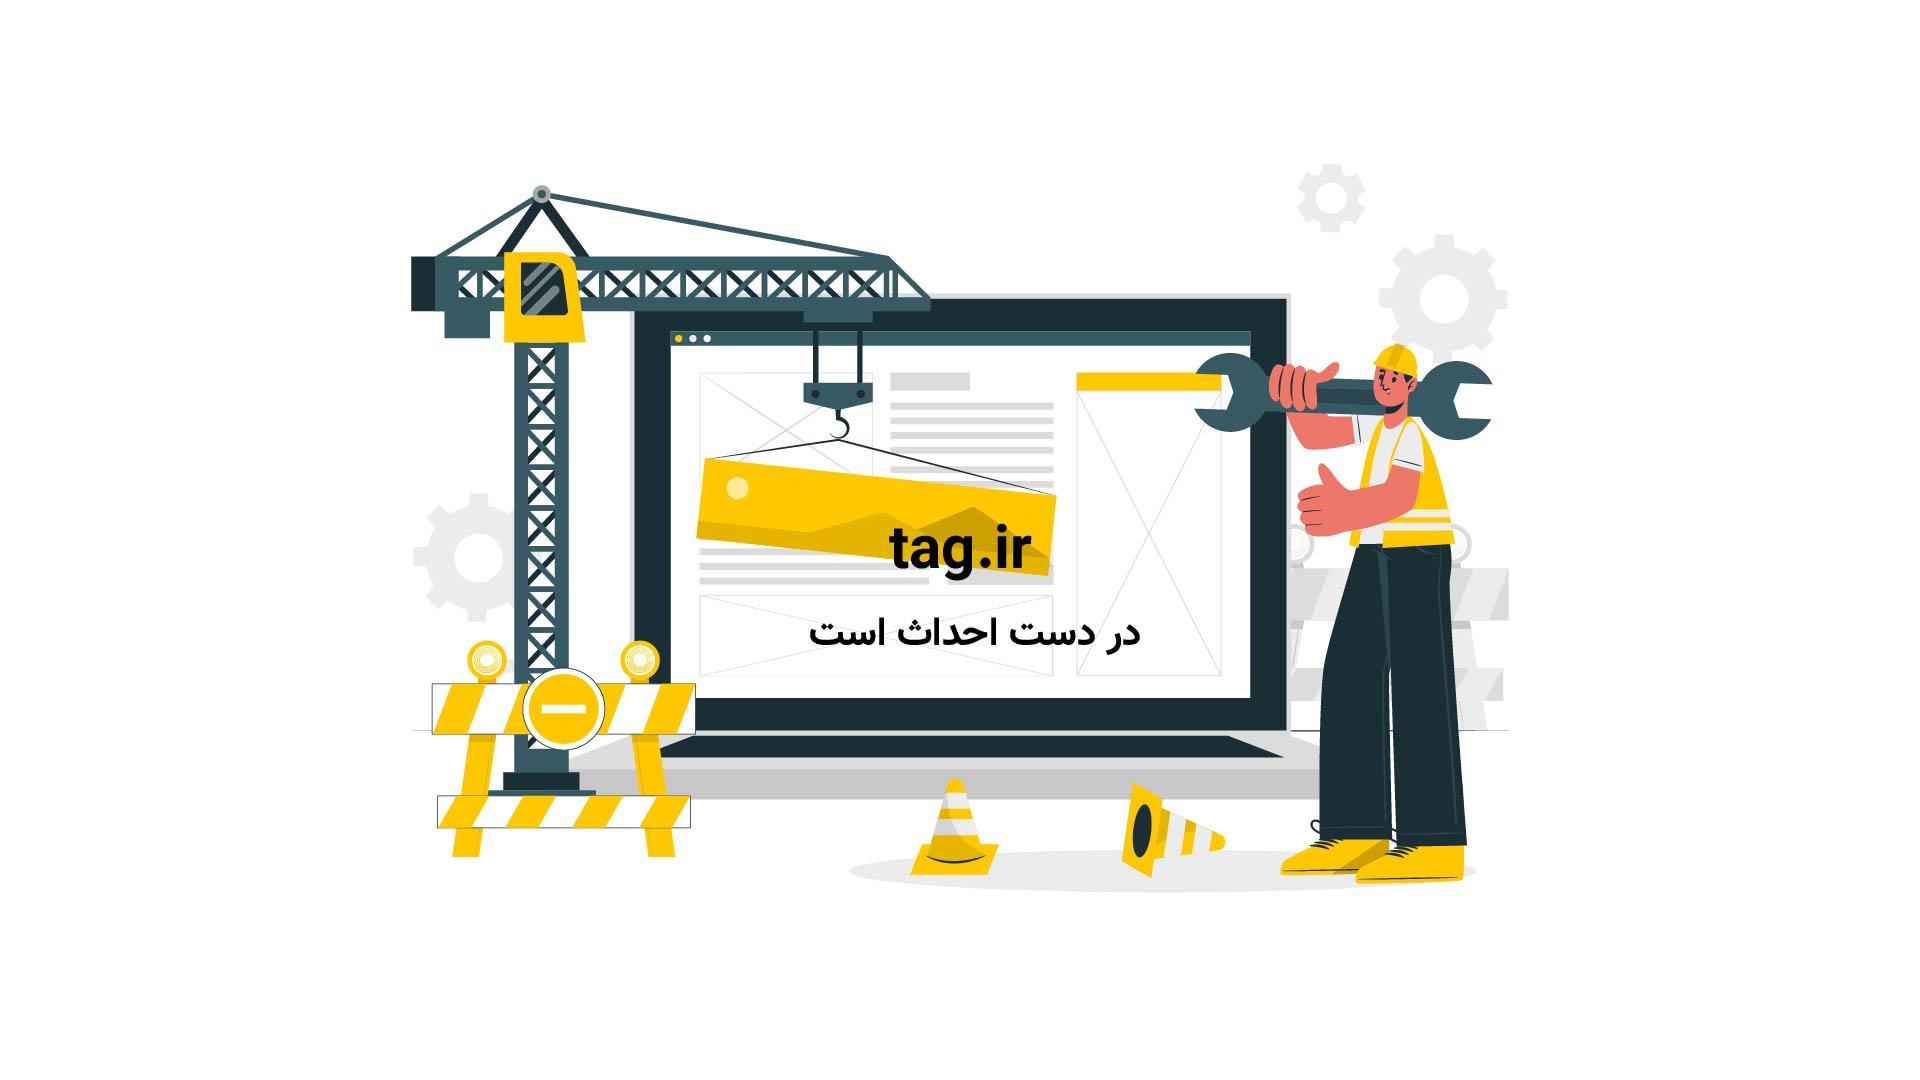 سخنرانی های تد؛ ماهواره های کوچکی که تغییرات زمین را نشان می دهند | فیلم